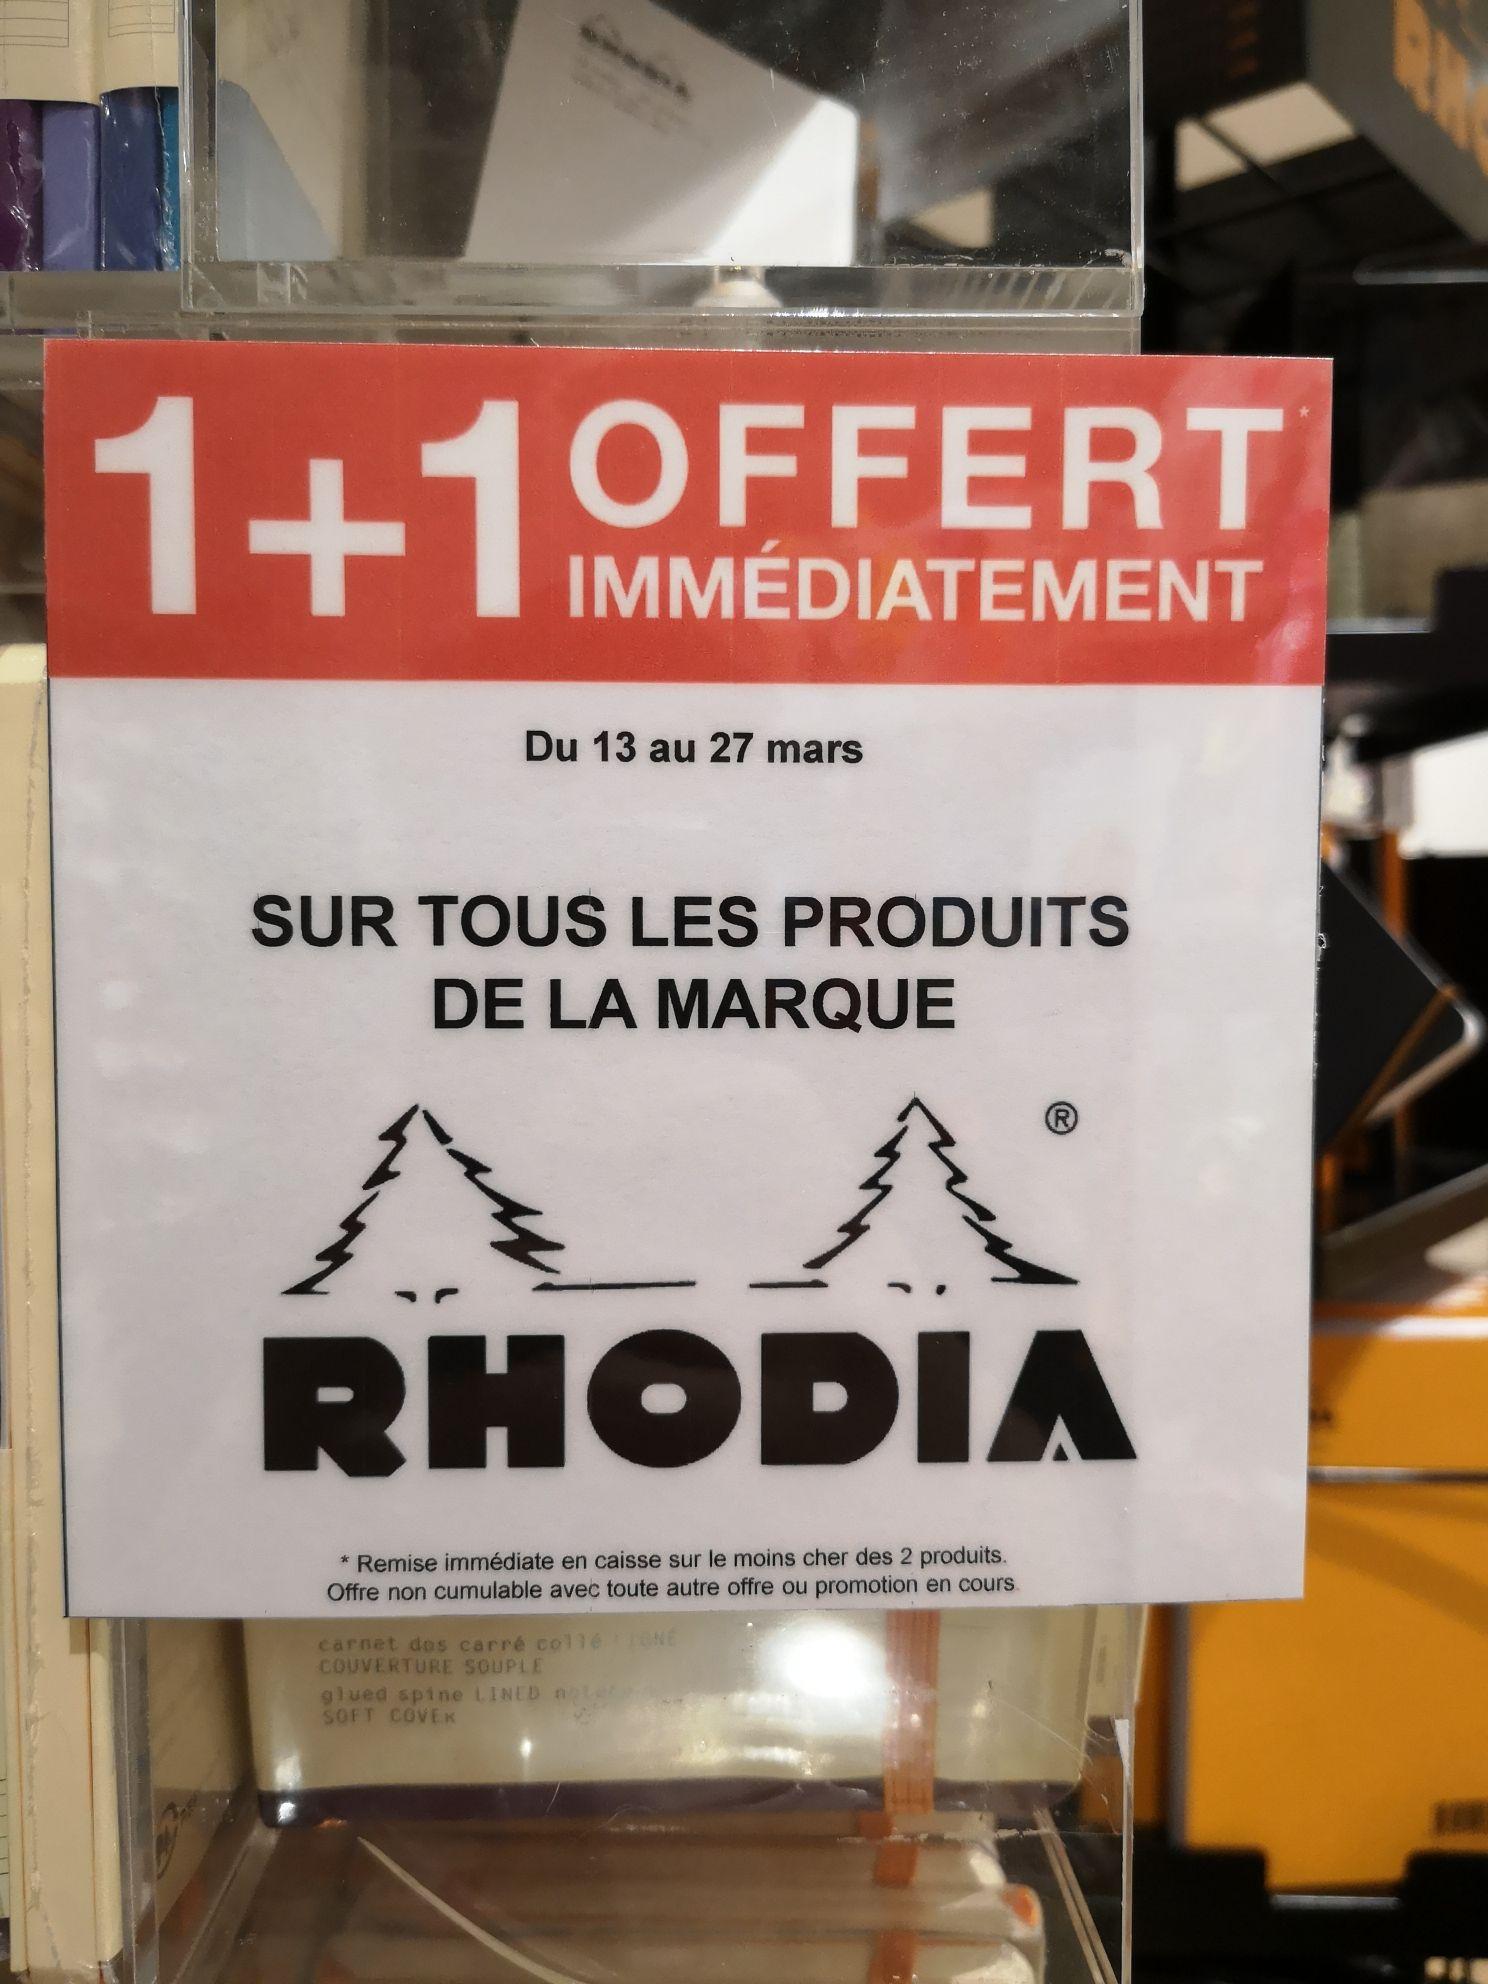 1 Produit Rhodia acheté = un offert - Paris (75)